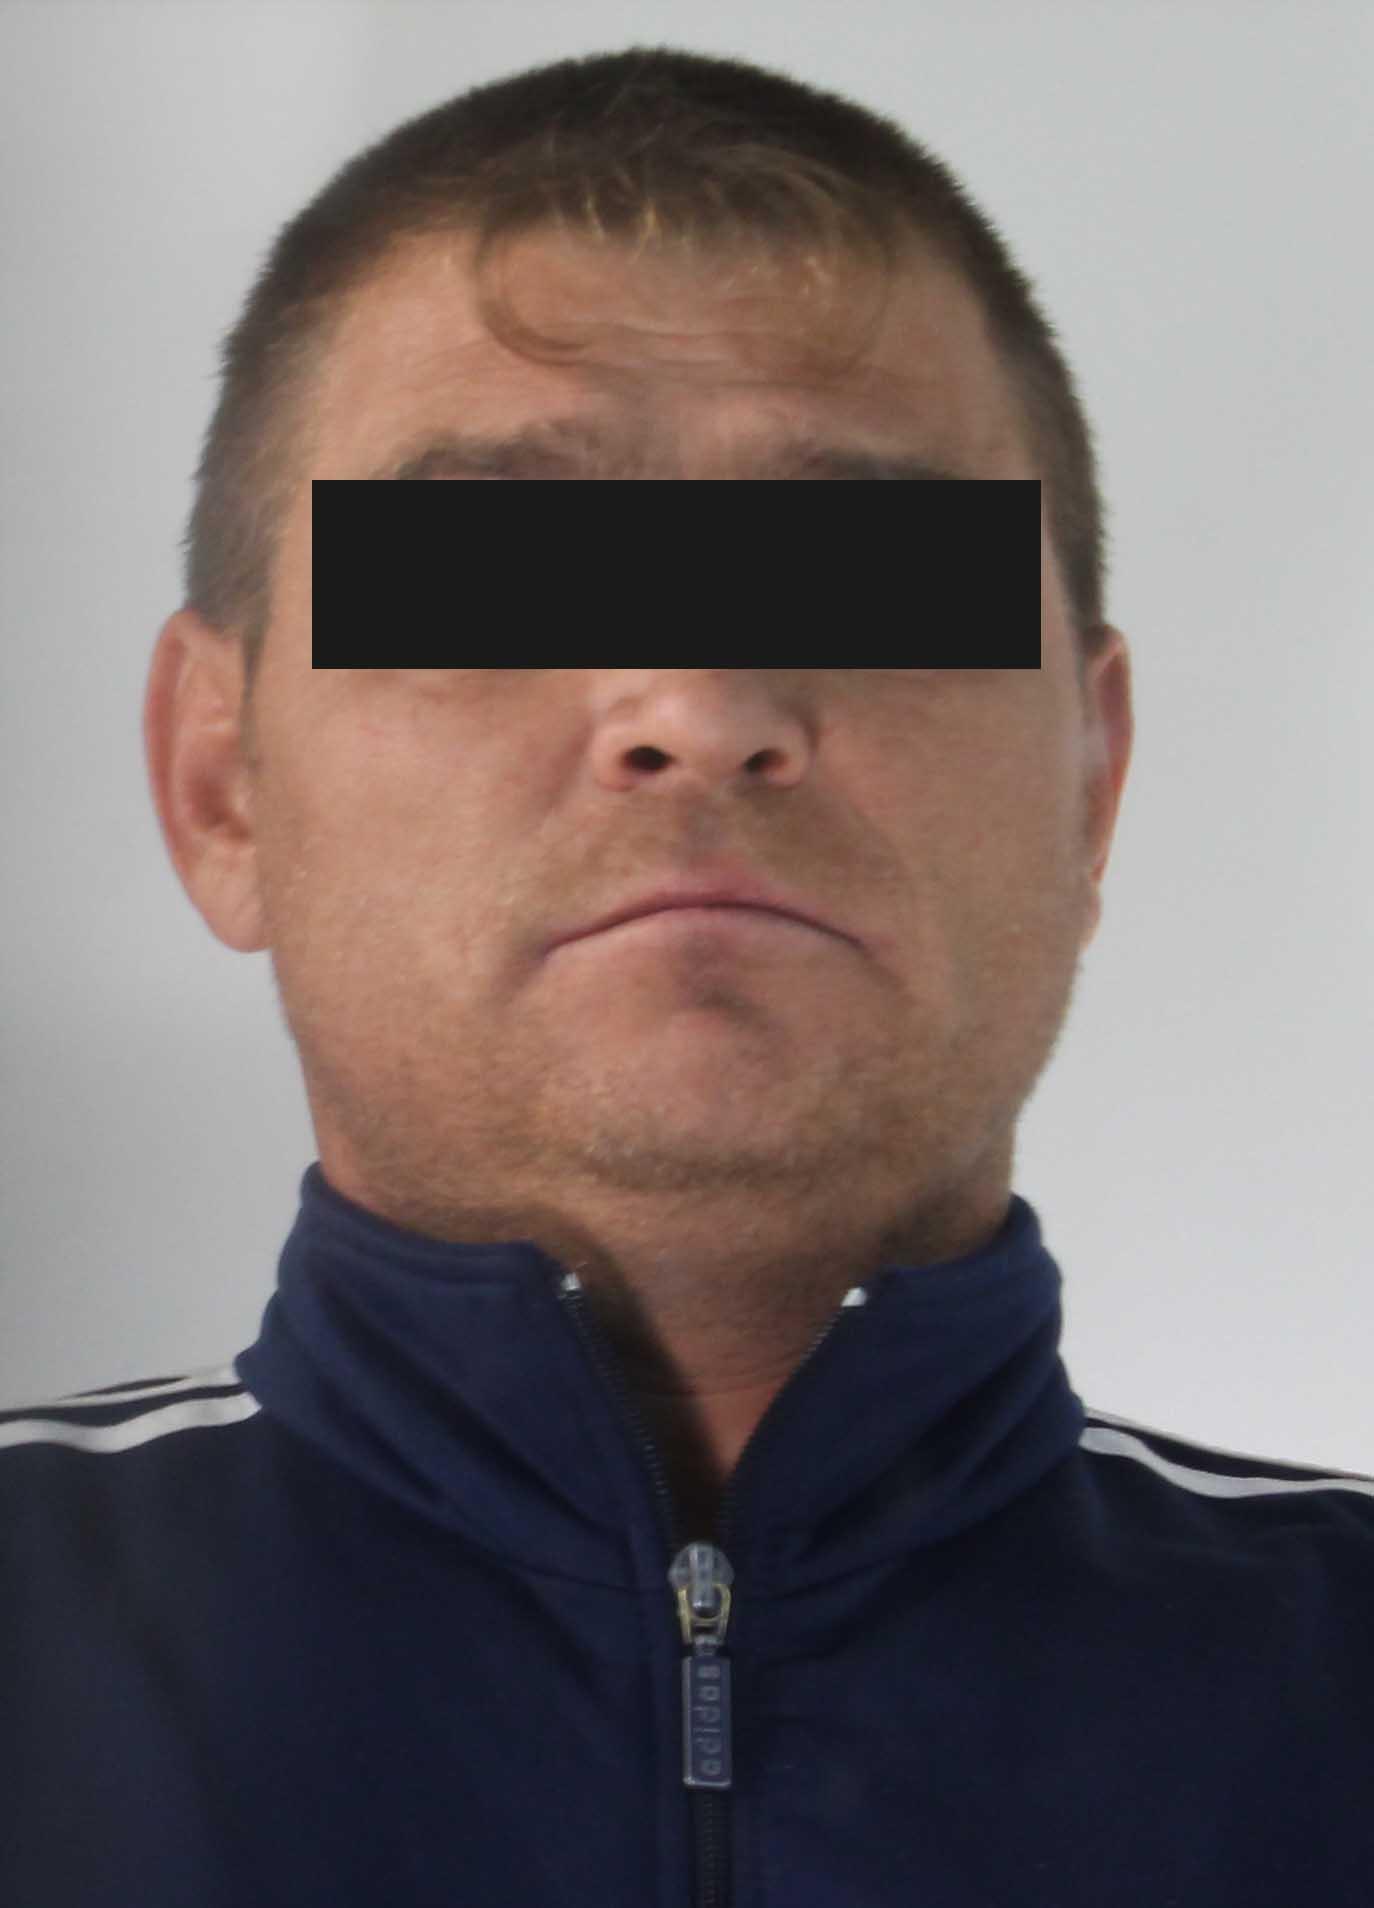 Arrestato per tentato omicidio aggressore rumeno